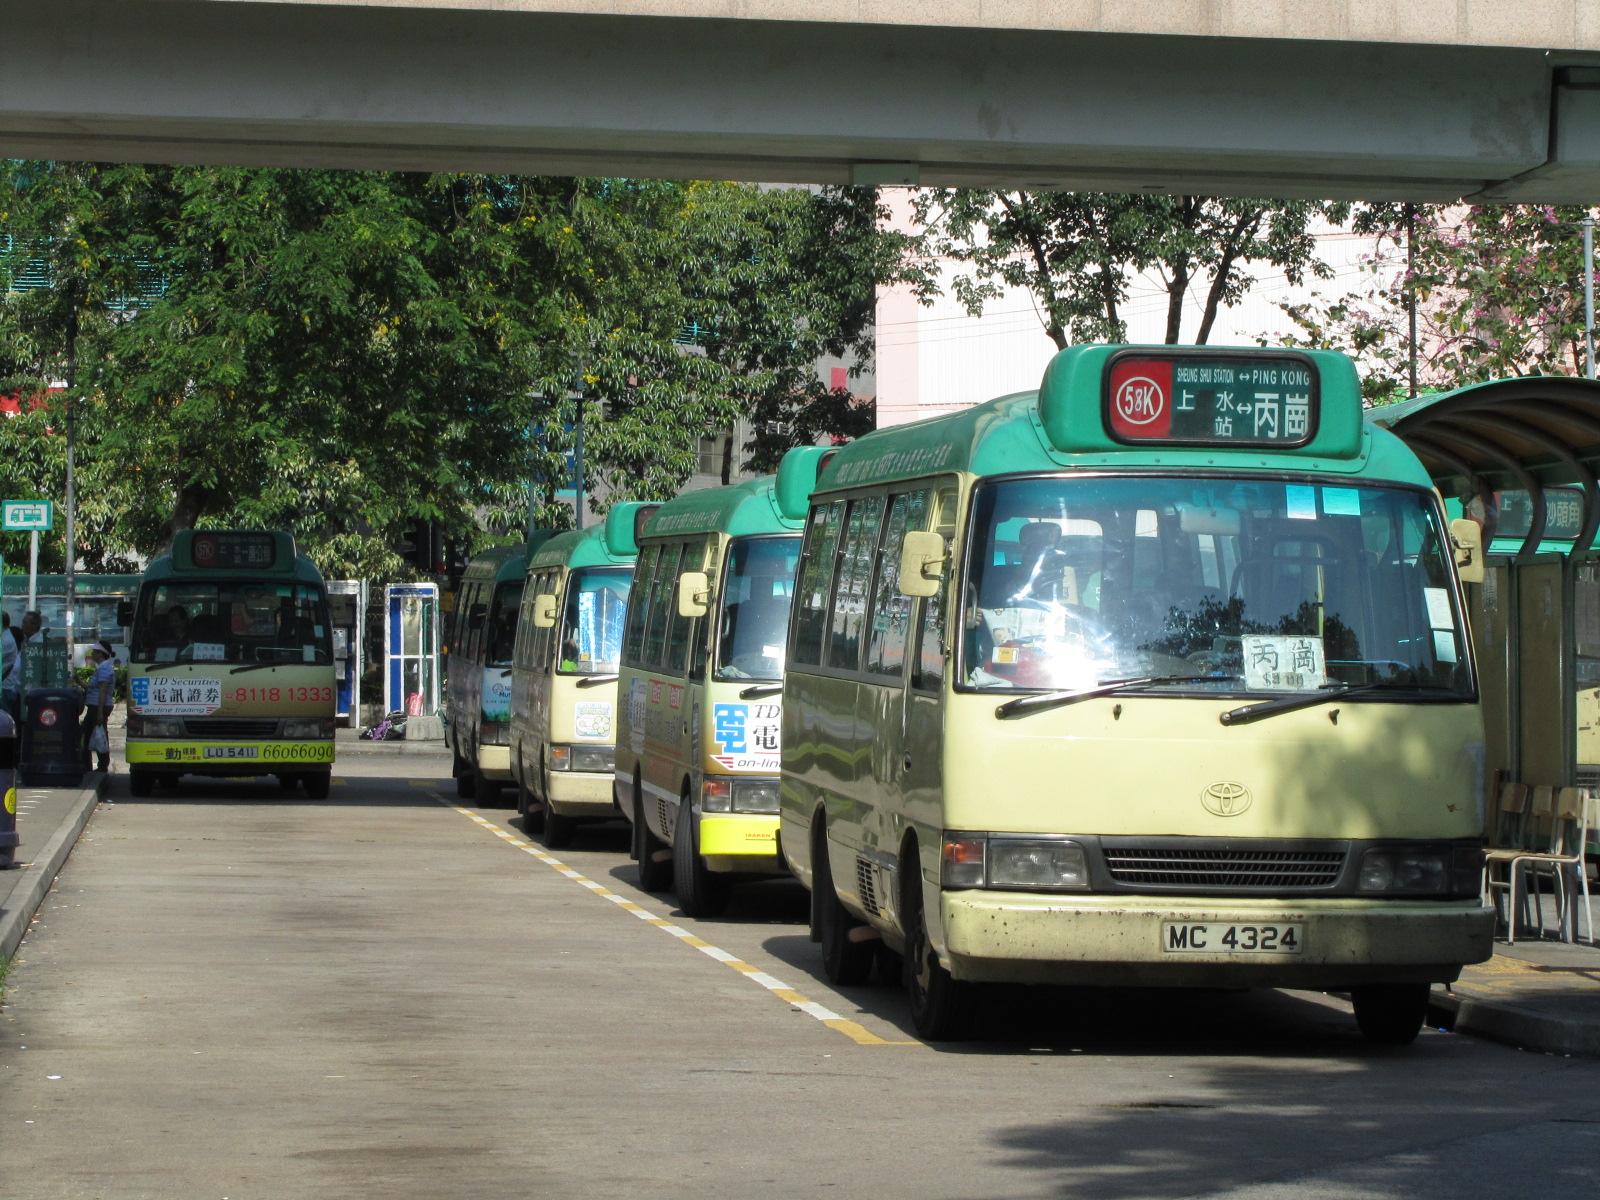 新界專綫小巴58K線